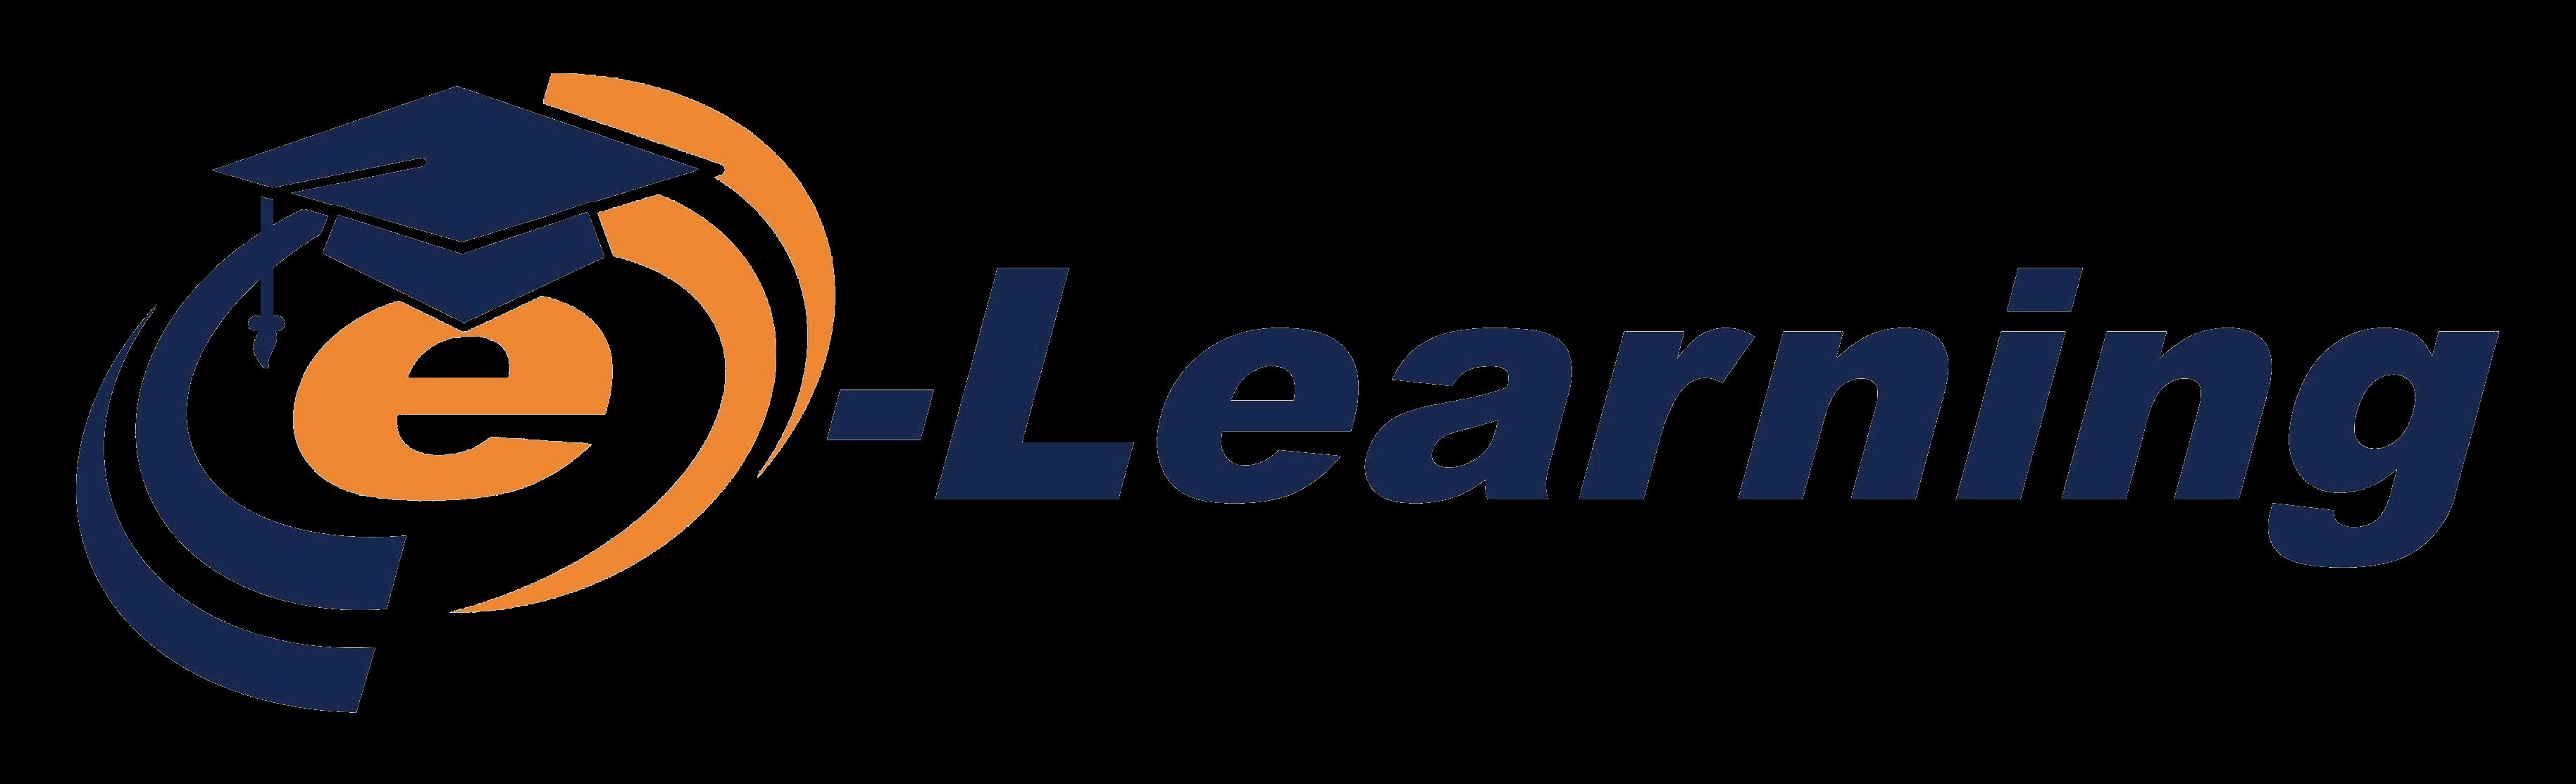 logo per e-learning